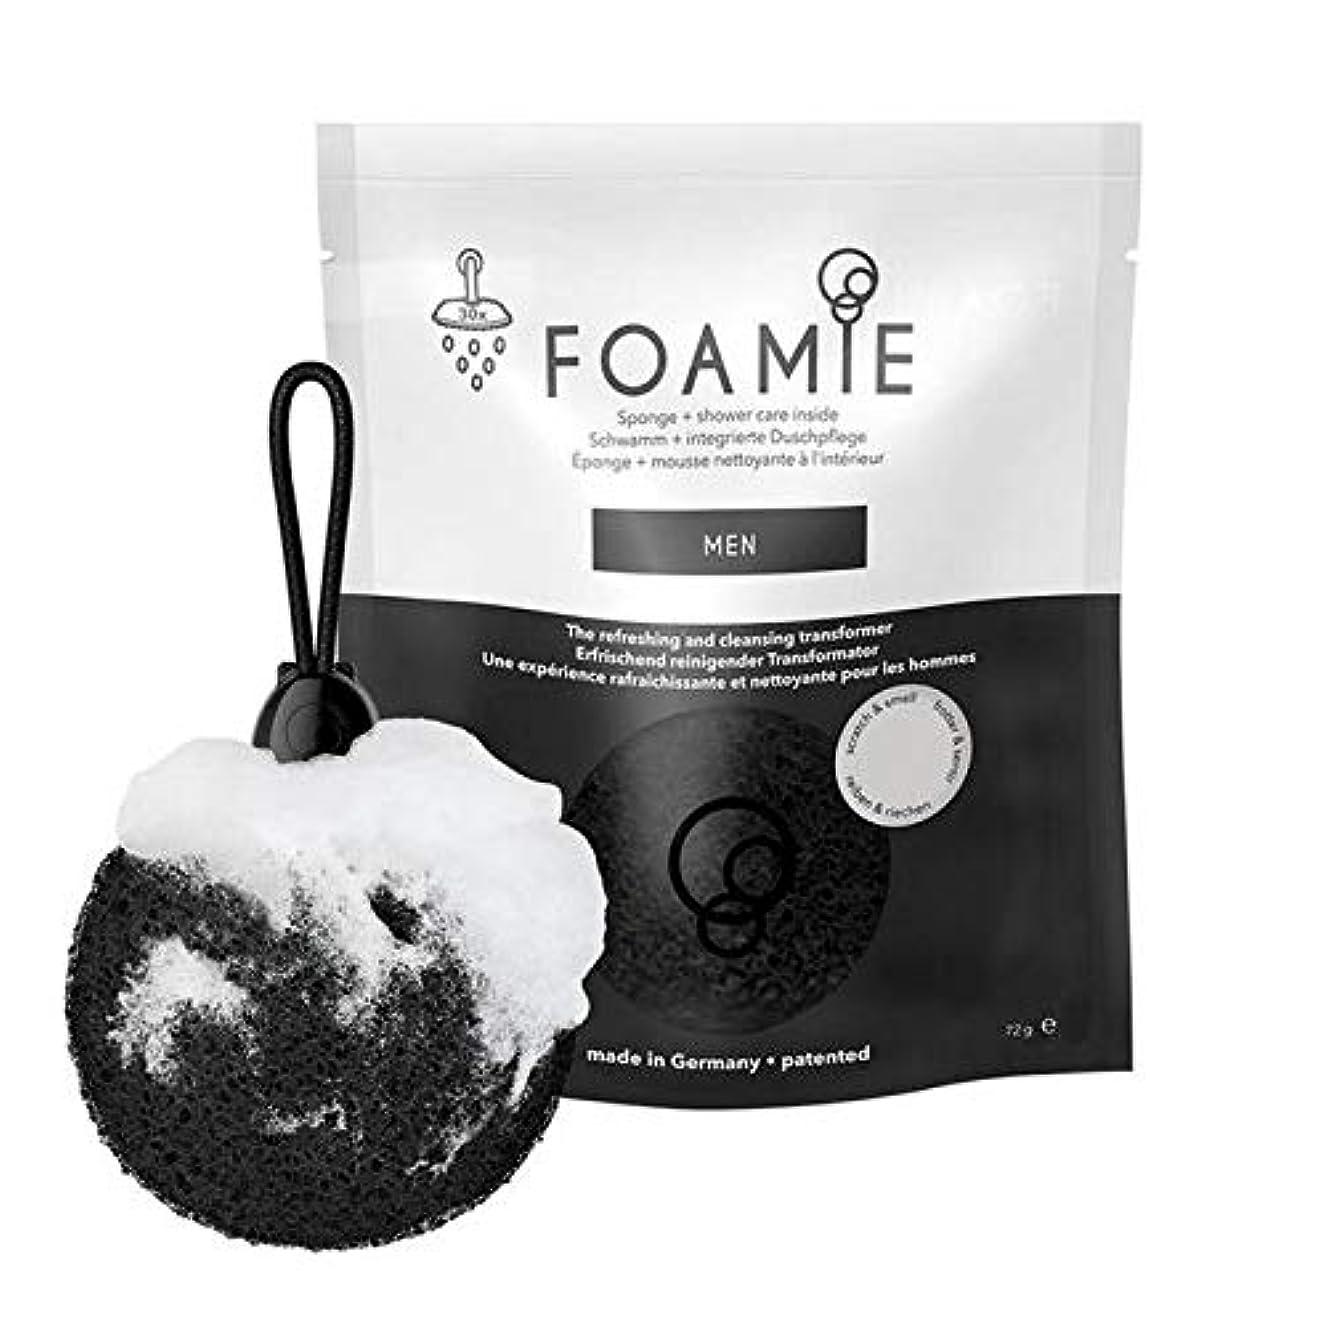 ハリケーンバルコニー流暢[Foamie] Foamieメンズスポンジ&ボディウォッシュ - Foamie Men's Sponge & Body Wash [並行輸入品]